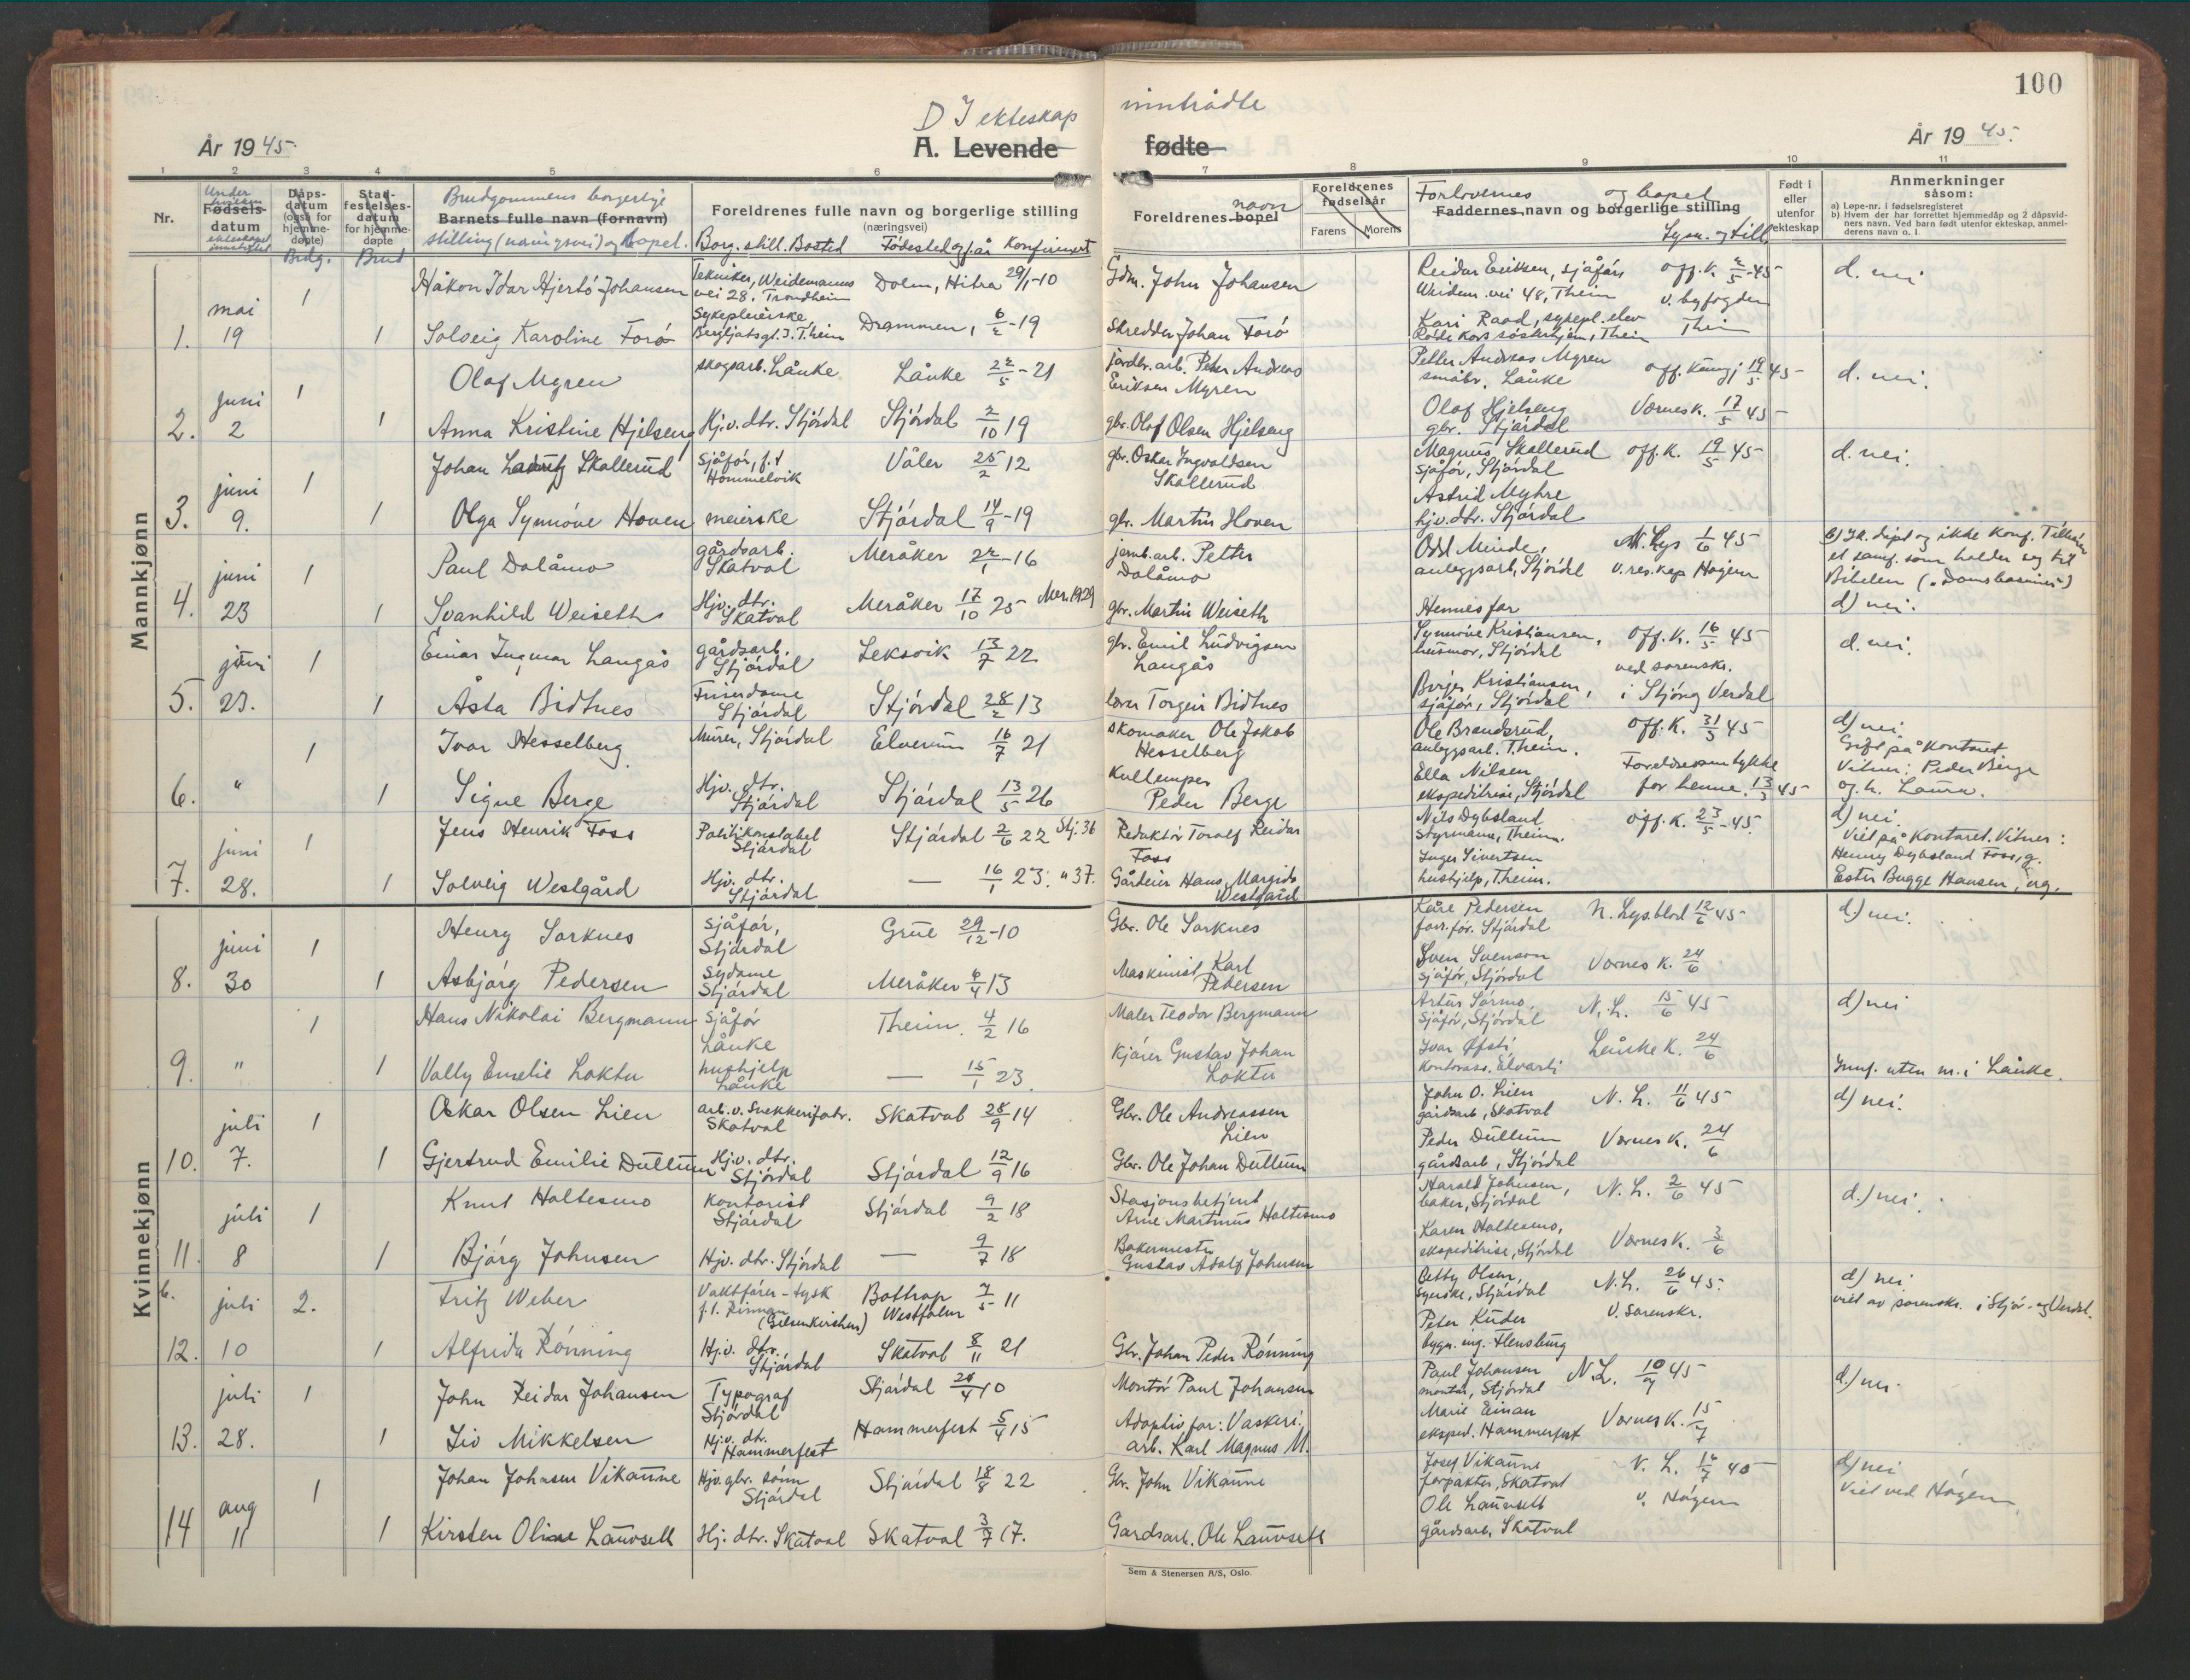 SAT, Ministerialprotokoller, klokkerbøker og fødselsregistre - Nord-Trøndelag, 709/L0089: Klokkerbok nr. 709C03, 1935-1948, s. 100